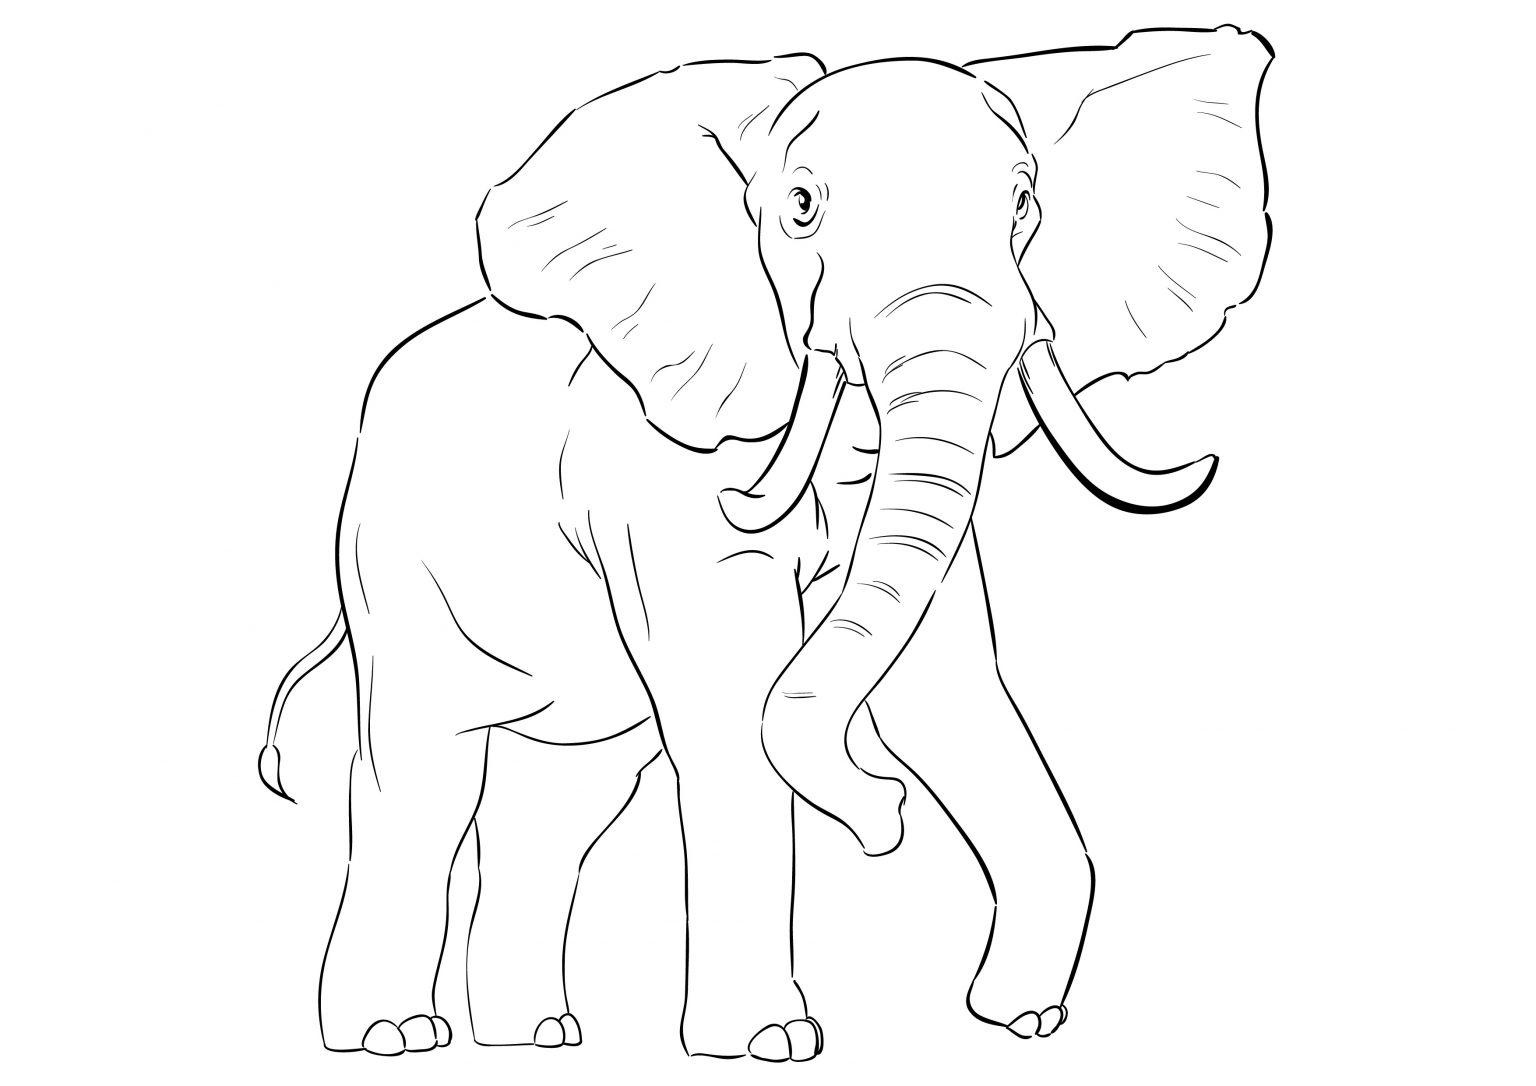 malvorlage elefant  kinderbilderdownload  kinderbilder